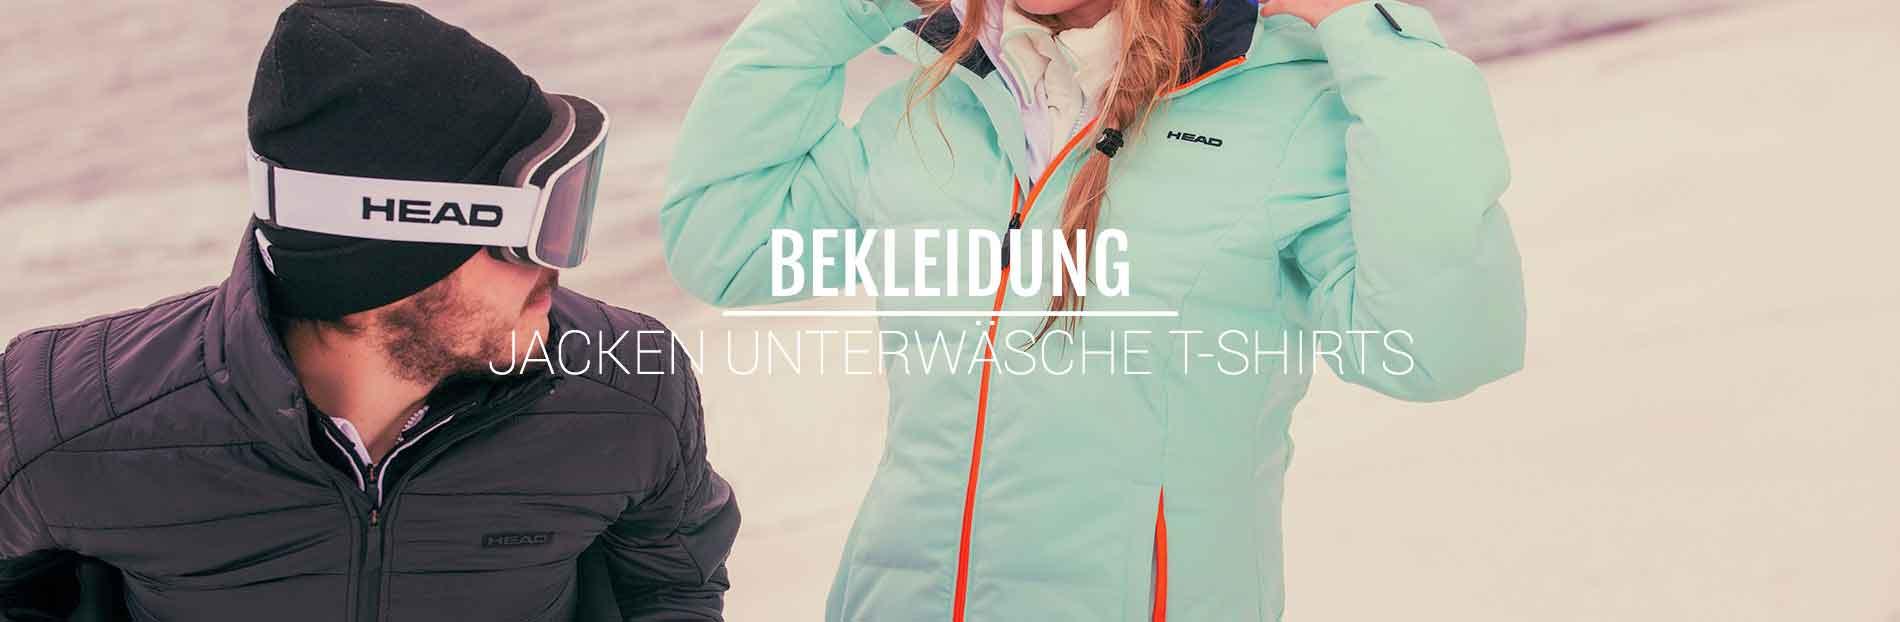 Bekleidung für Wintersport günstig online kaufen   ski shop.ch